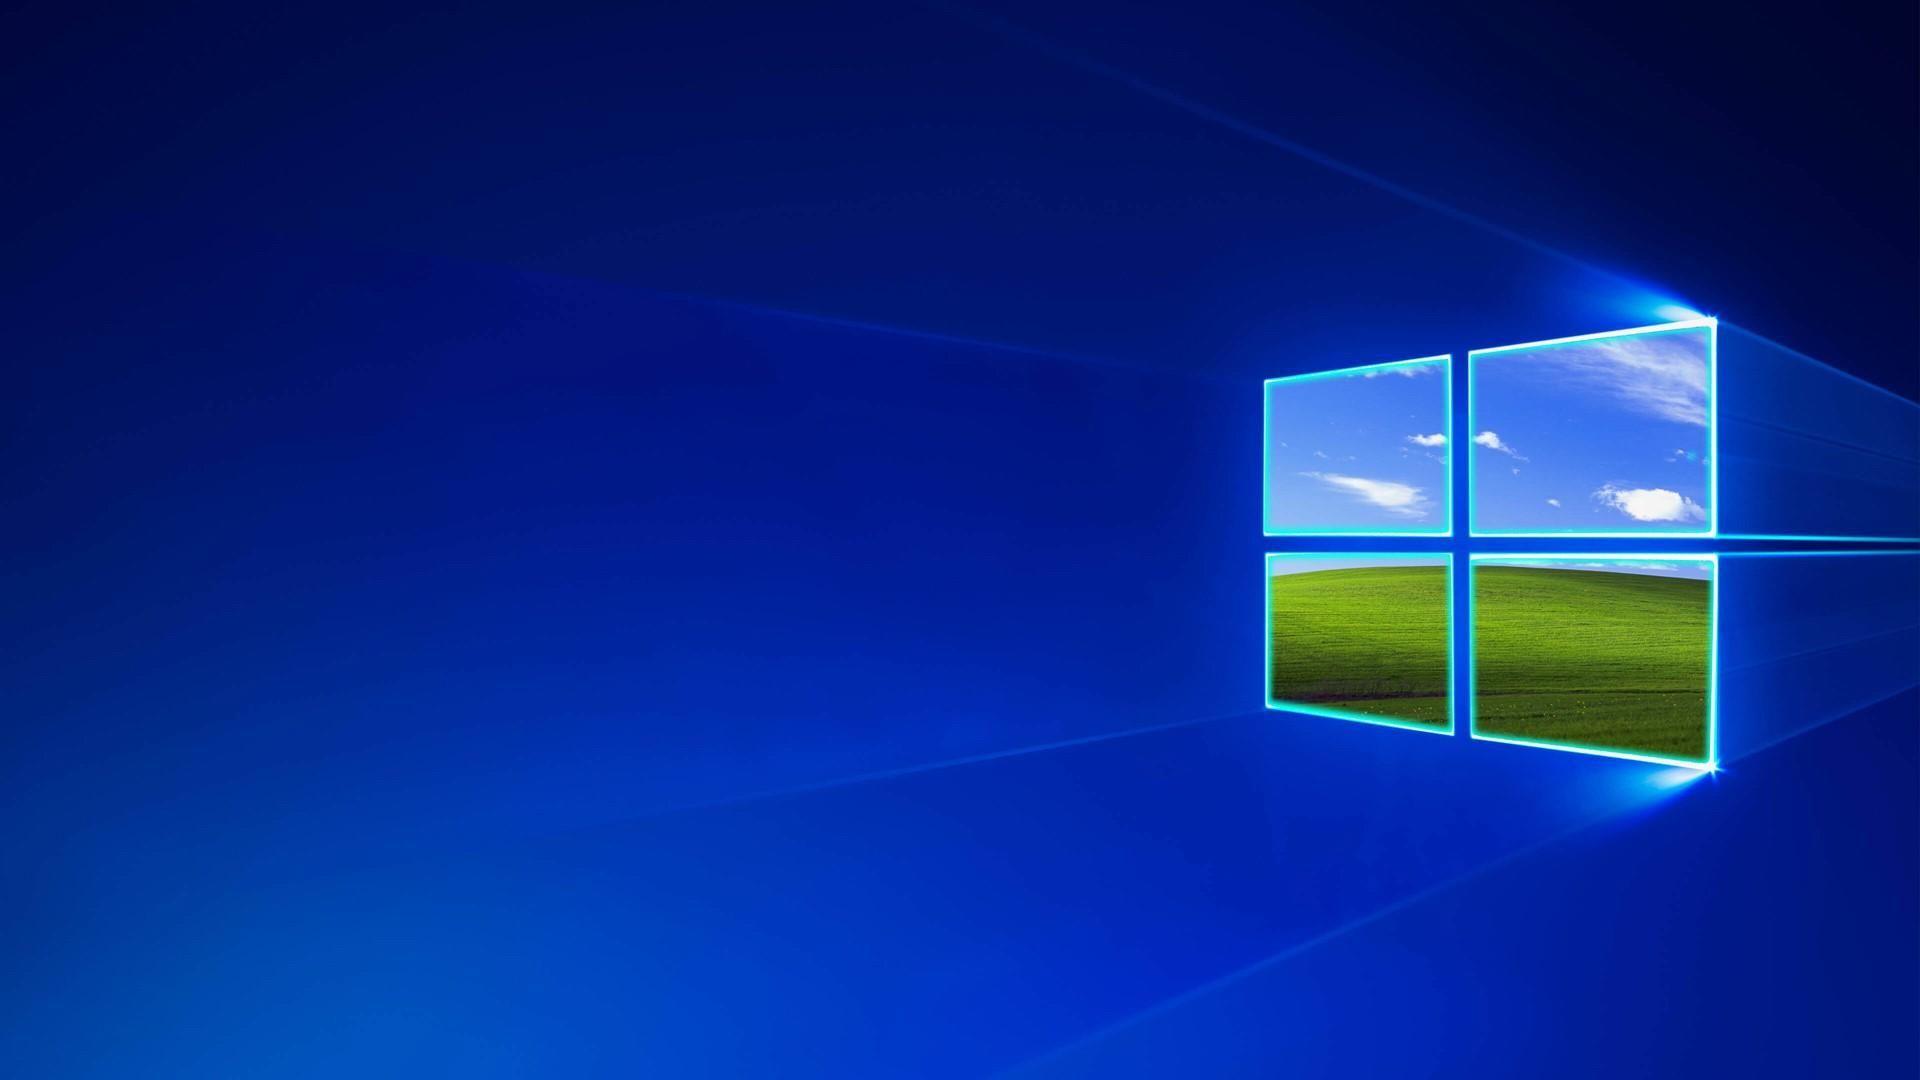 Windows 10 Bliss 1920x1080 Wallpaper Windows 10 Desktop Wallpaper Art Windows Wallpaper